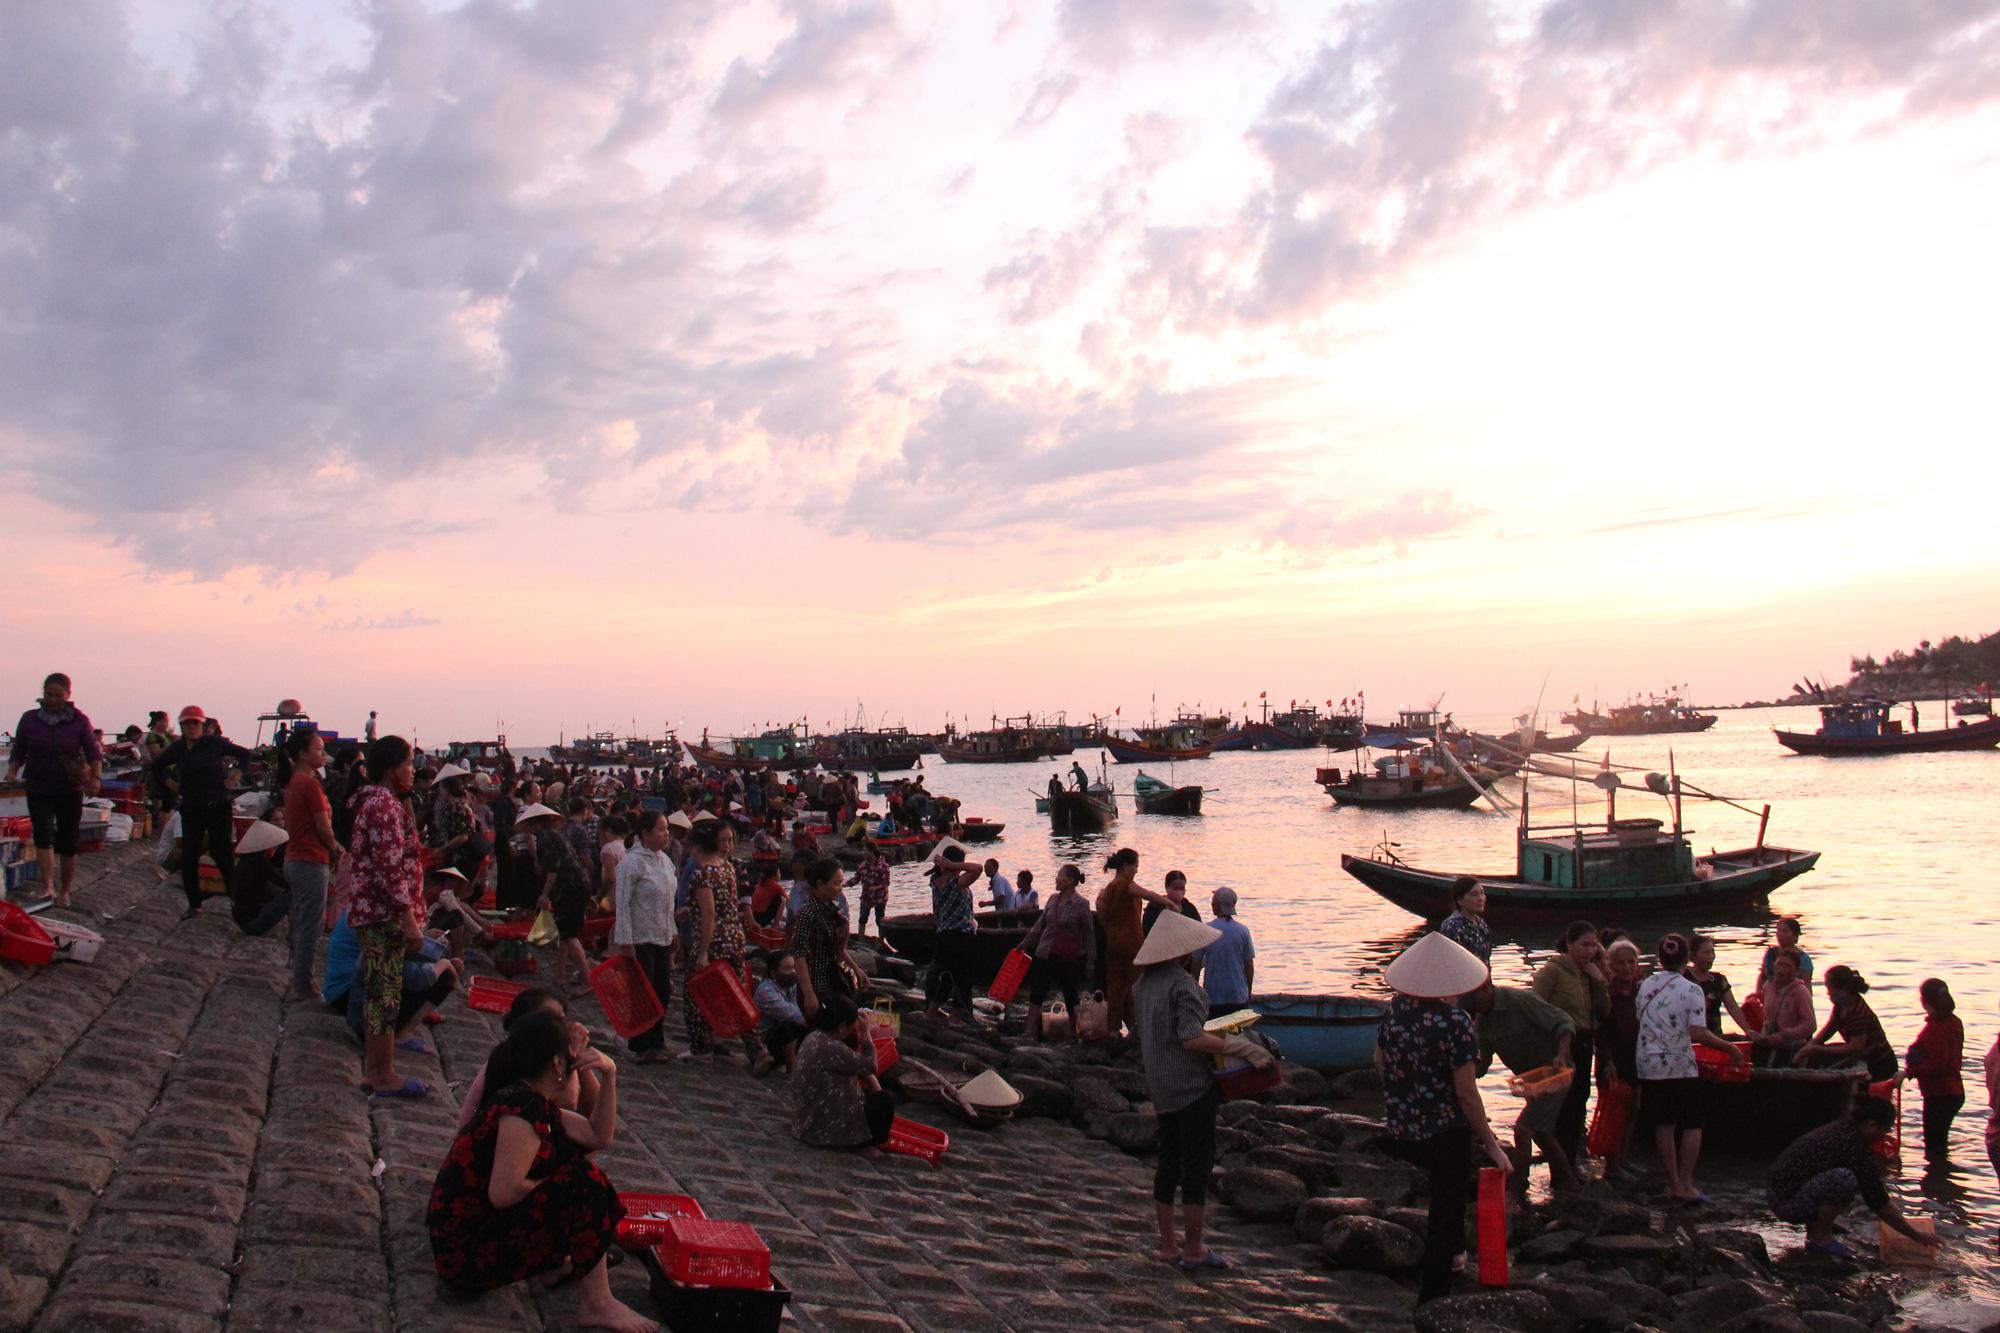 Độc đáo chợ cá truyền thống hơn 400 năm - Ảnh 1.